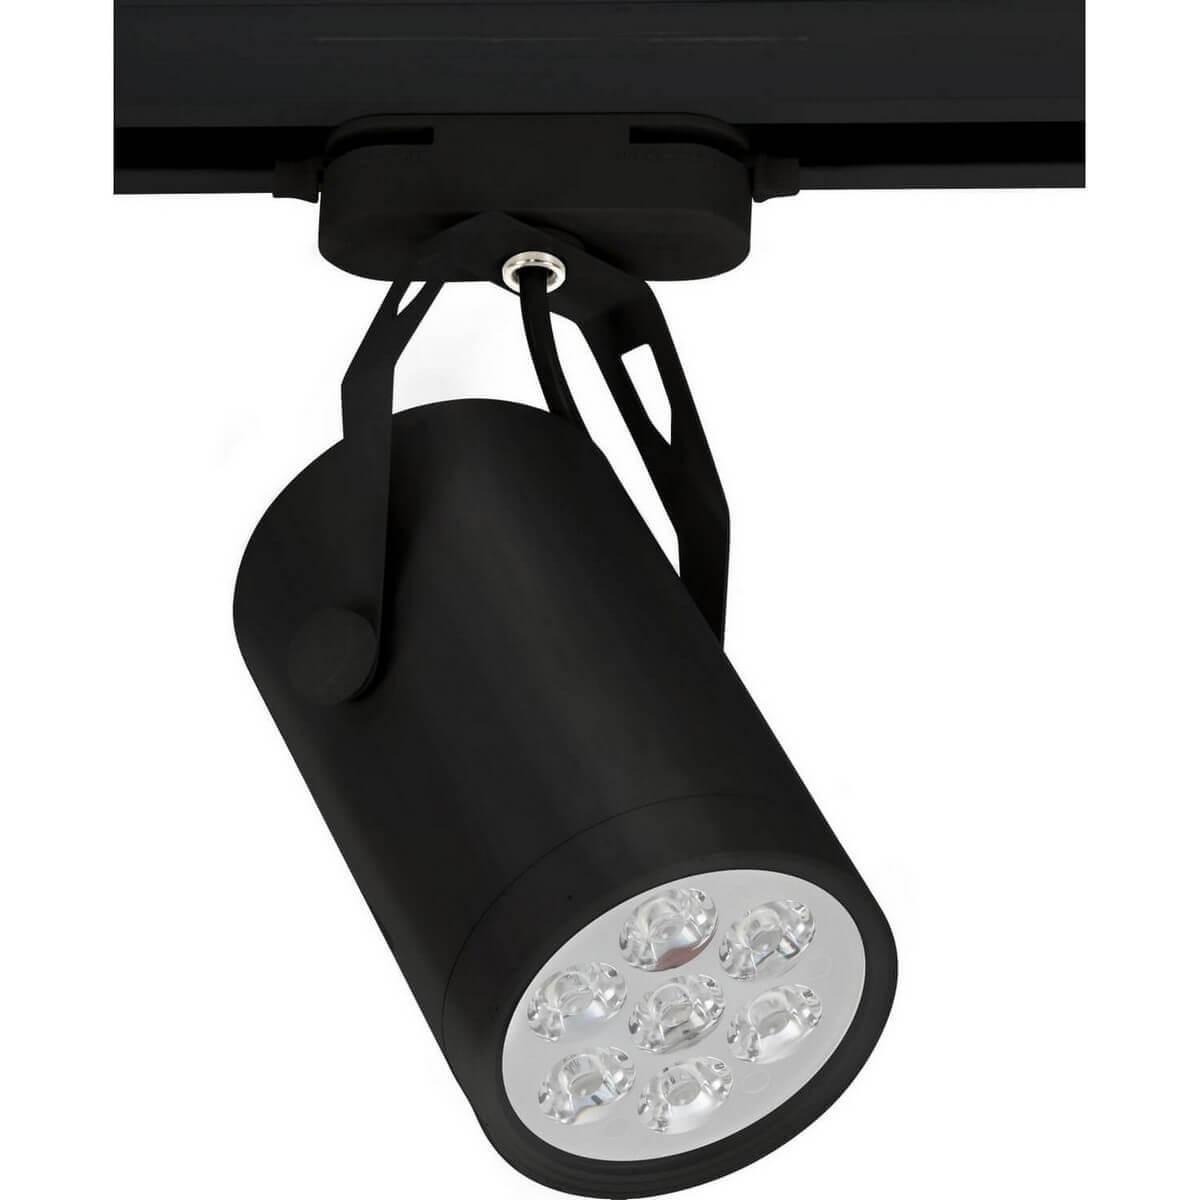 Трековый светодиодный светильник Nowodvorski Store Led 6825 трековый светодиодный светильник nowodvorski store led 6824